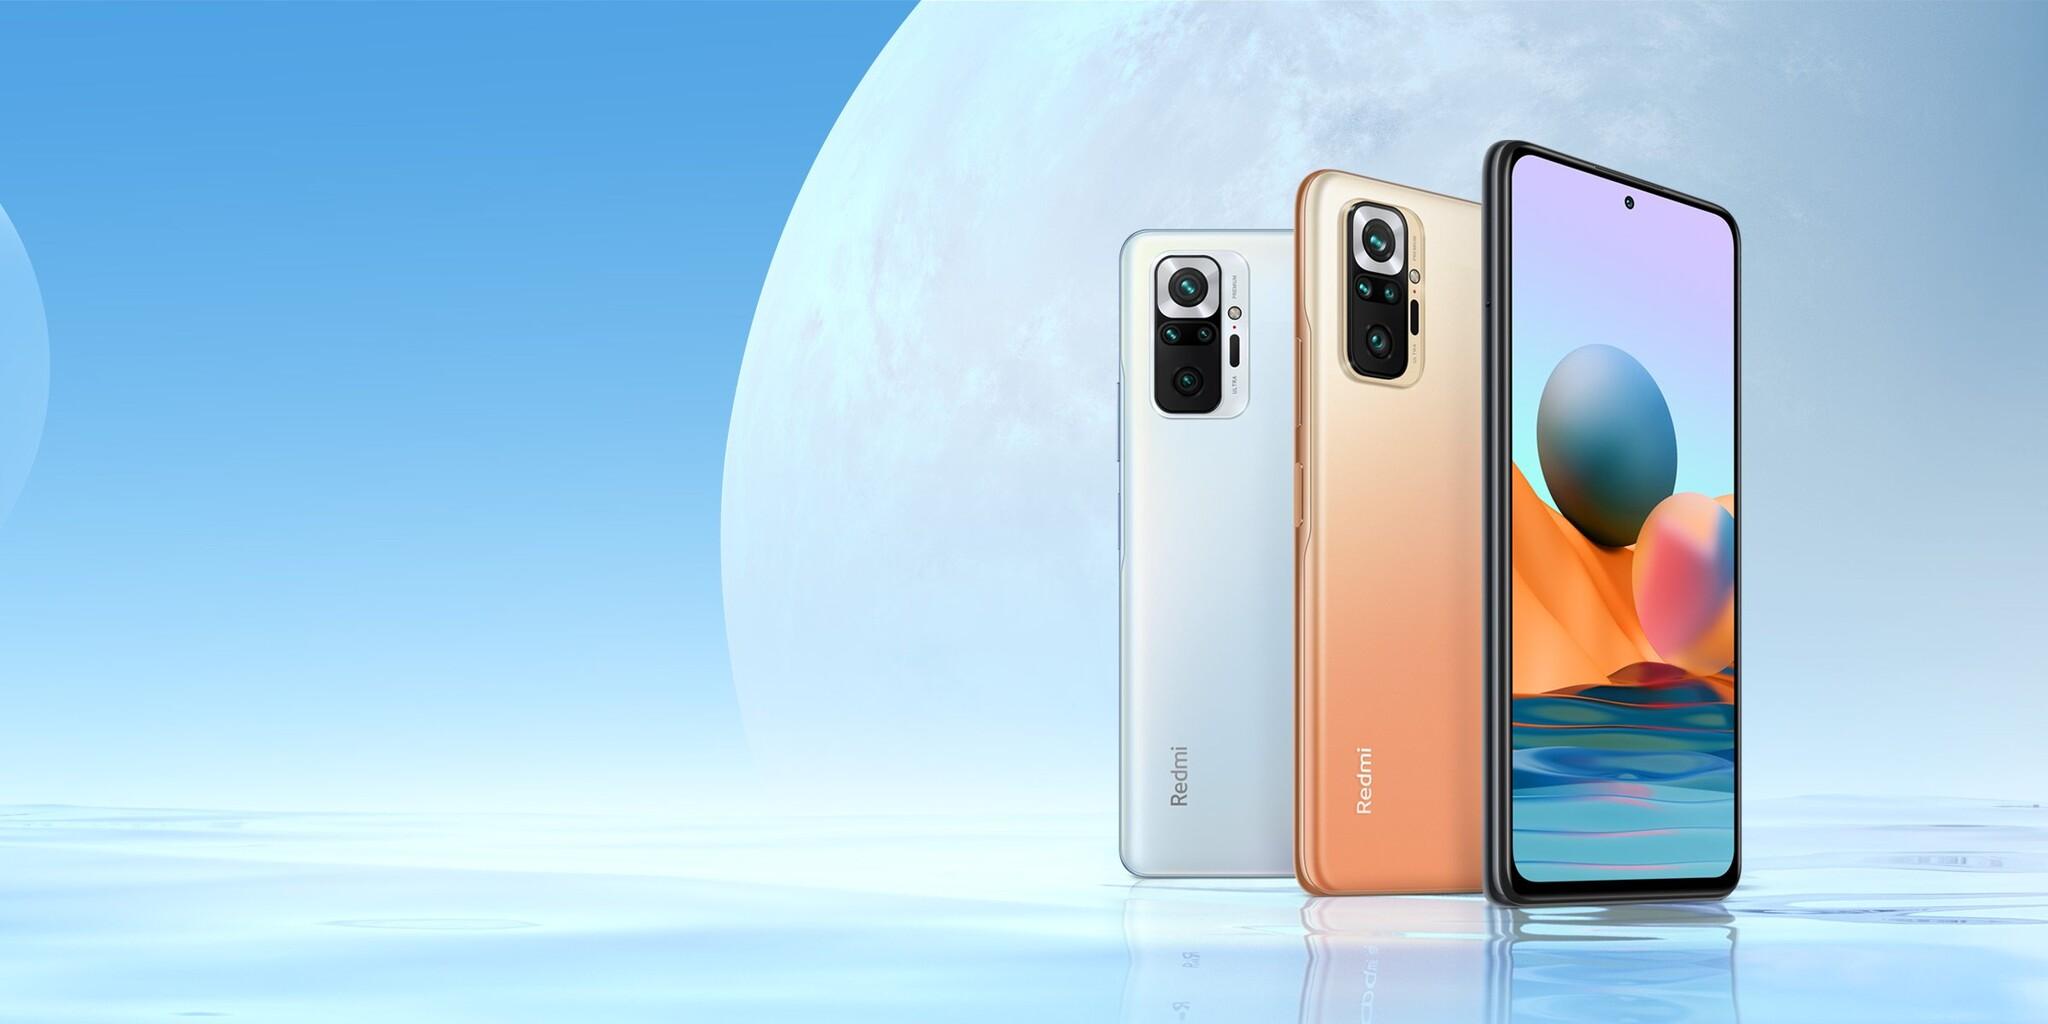 Négy Redmi Note 10 kapott nemzetközi premiert, 108 megapixeles csúcsváltozattal